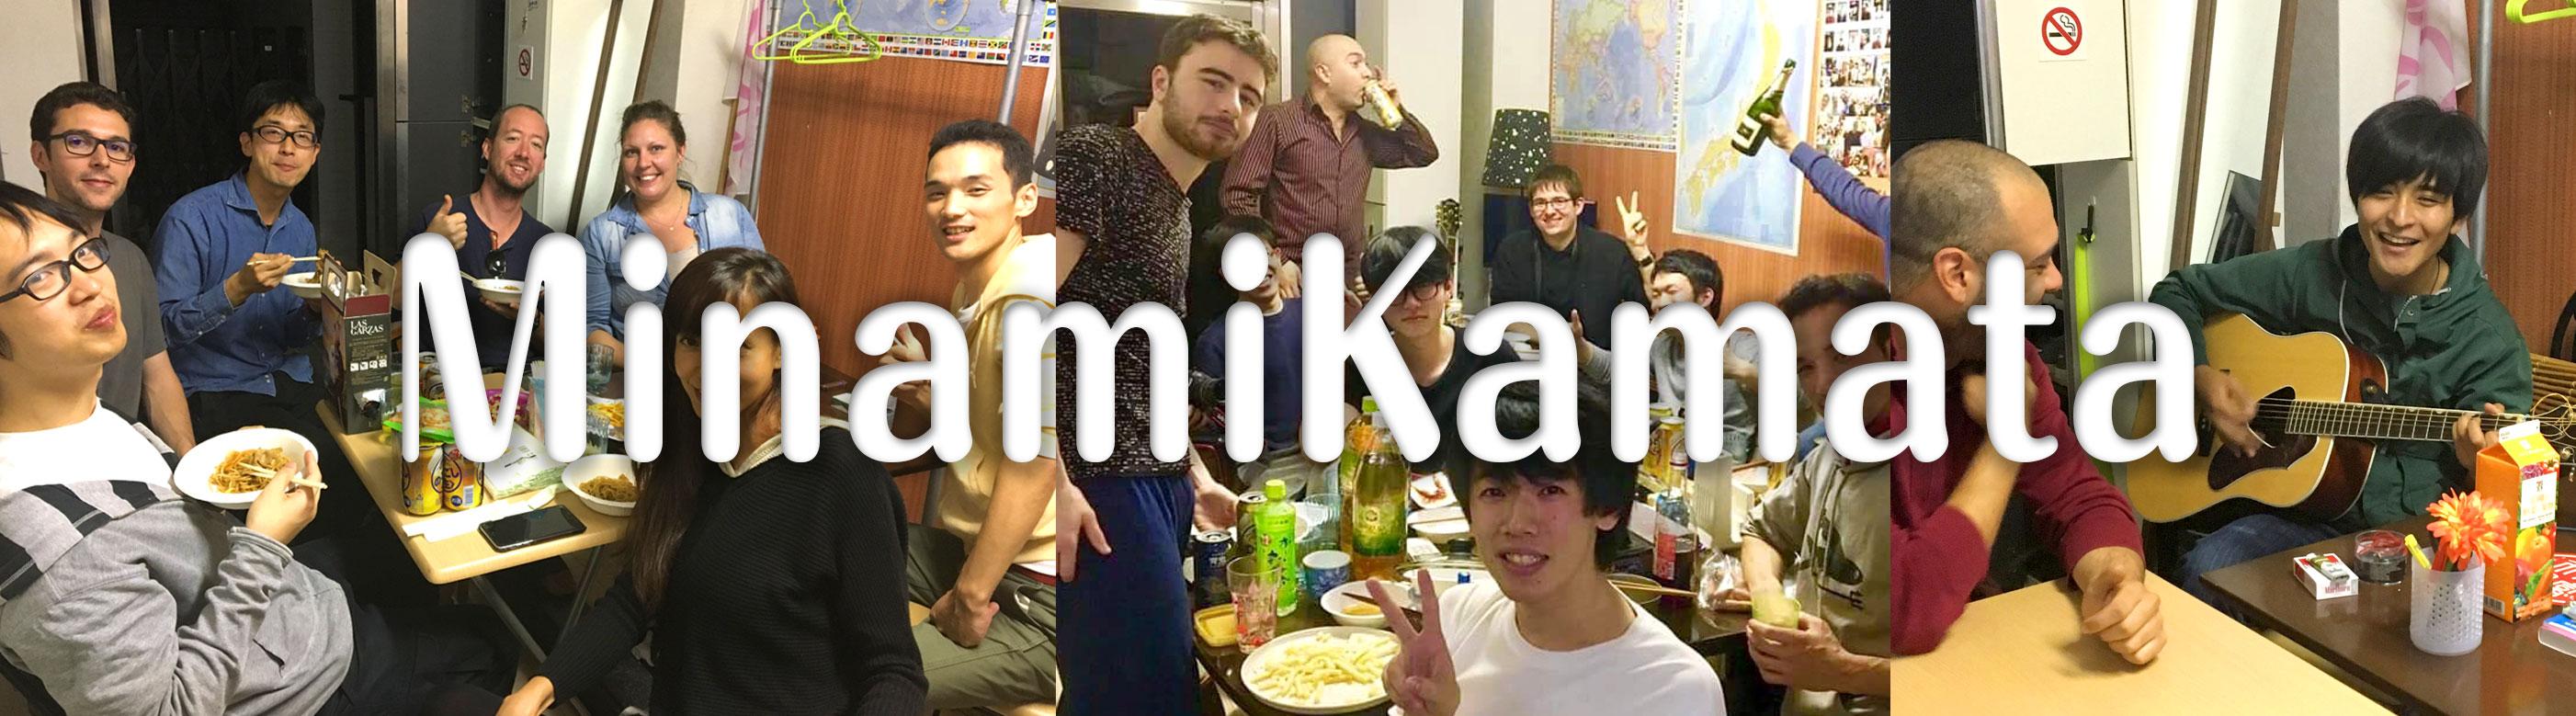 minamikamata_en